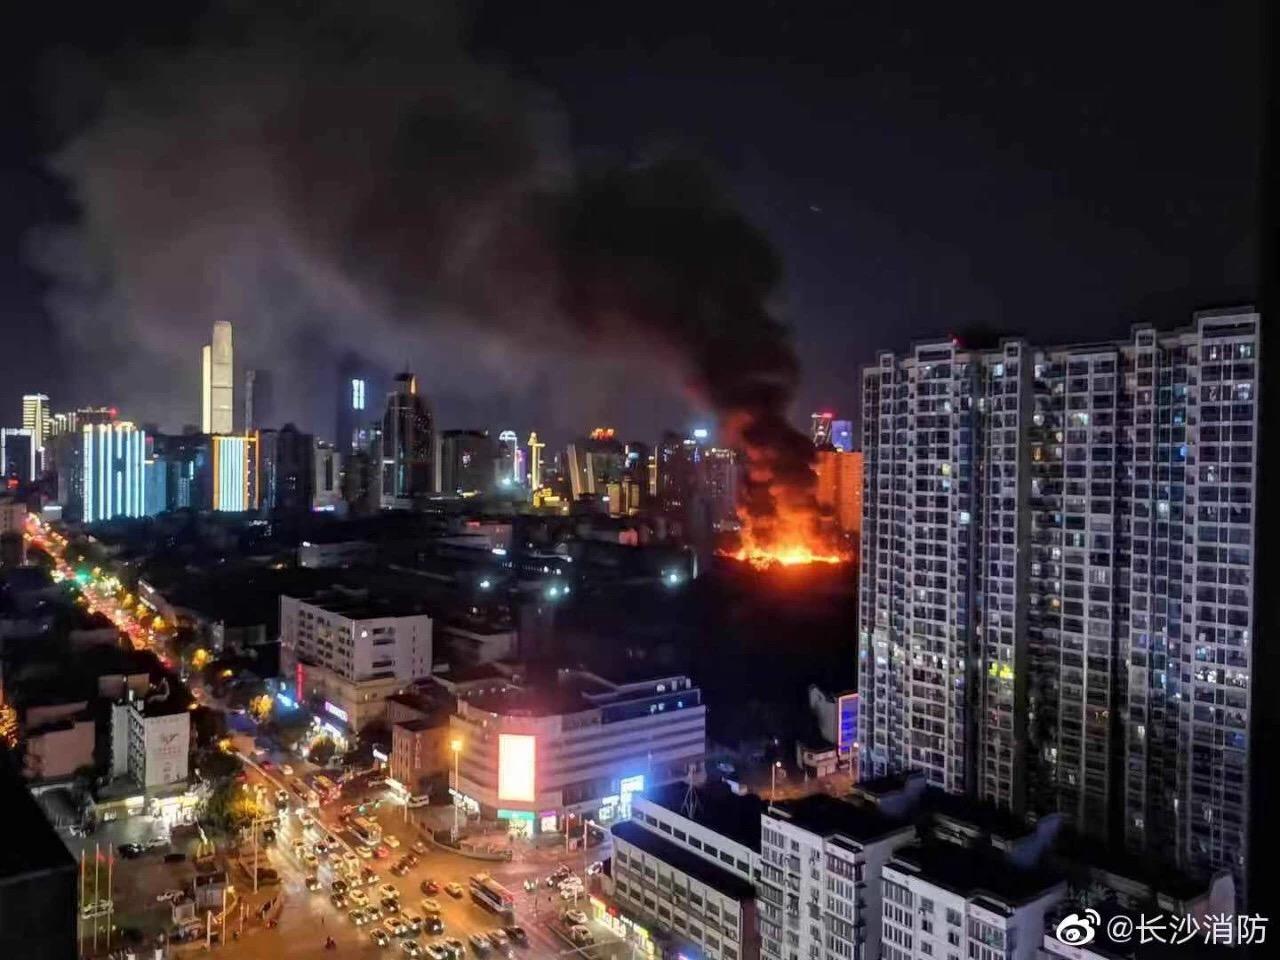 长沙曙光电子厂火灾已扑灭,没有